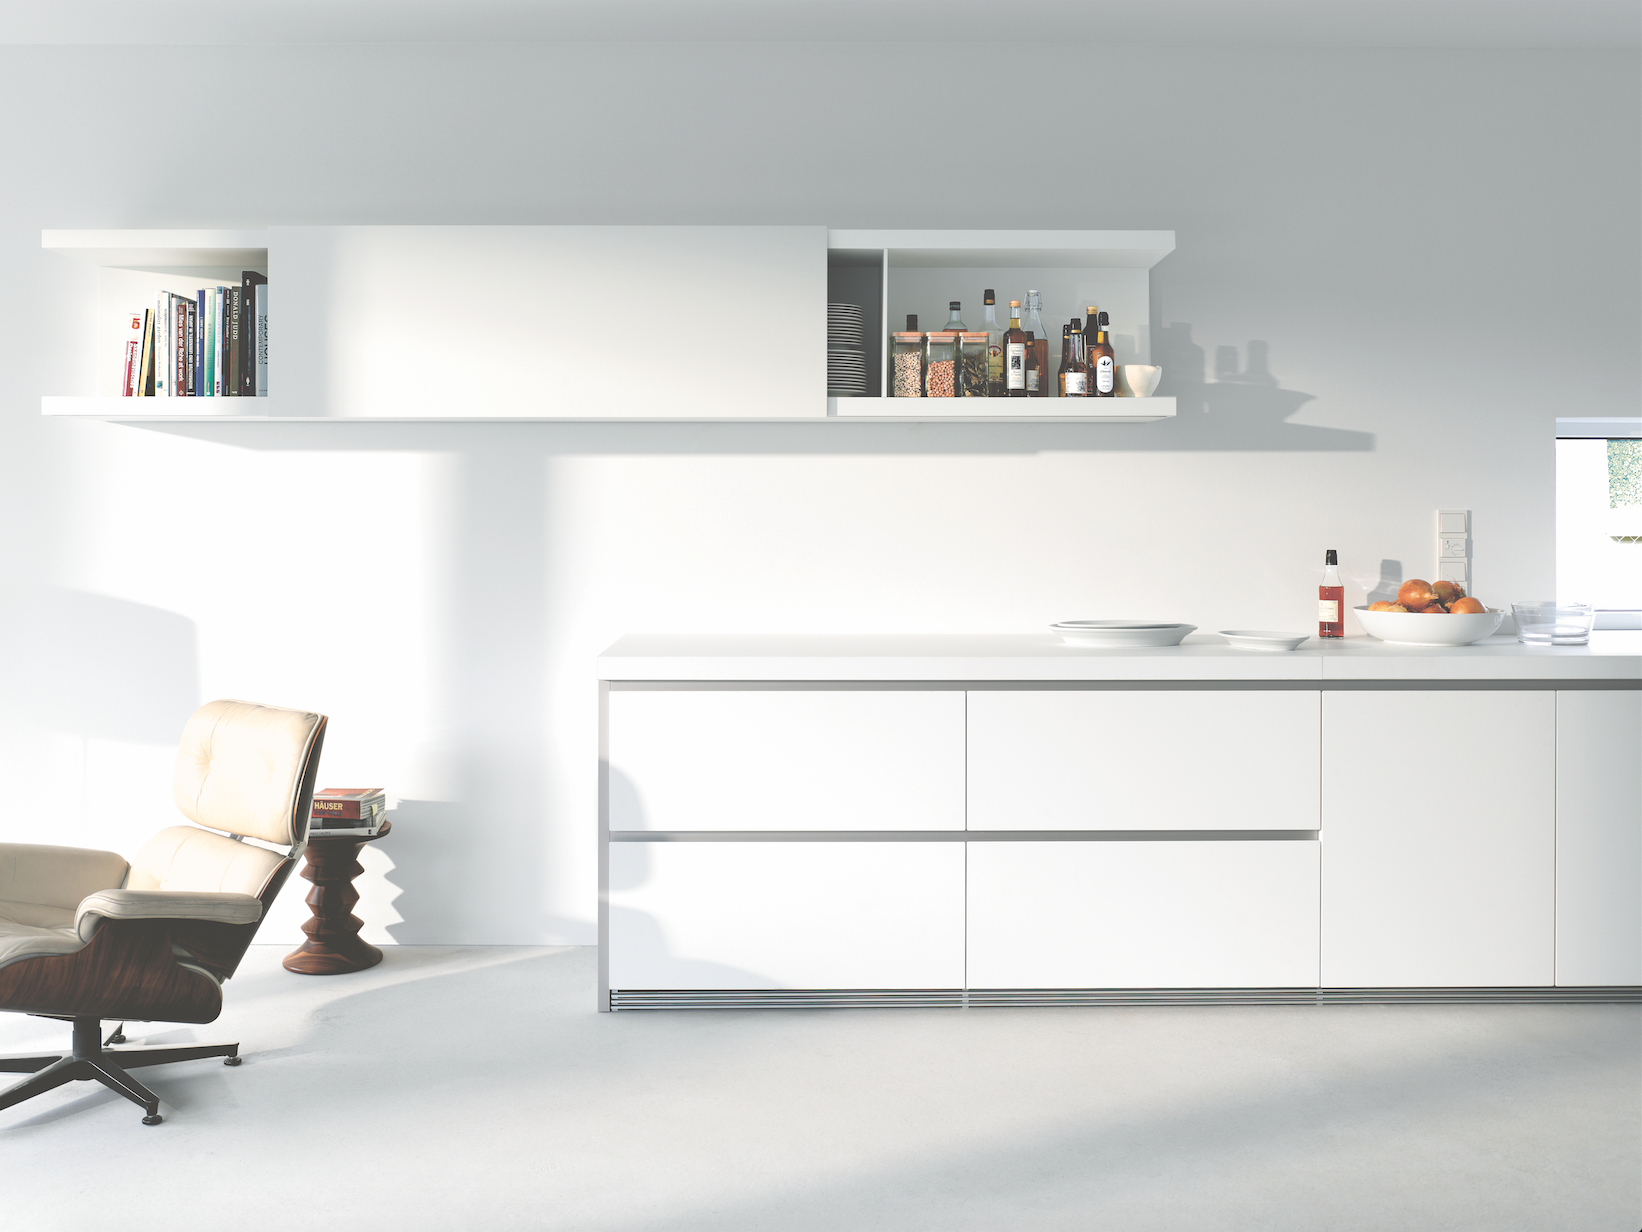 bulthaup - cuisine b1 - le système d'étagères avec porte coulissante